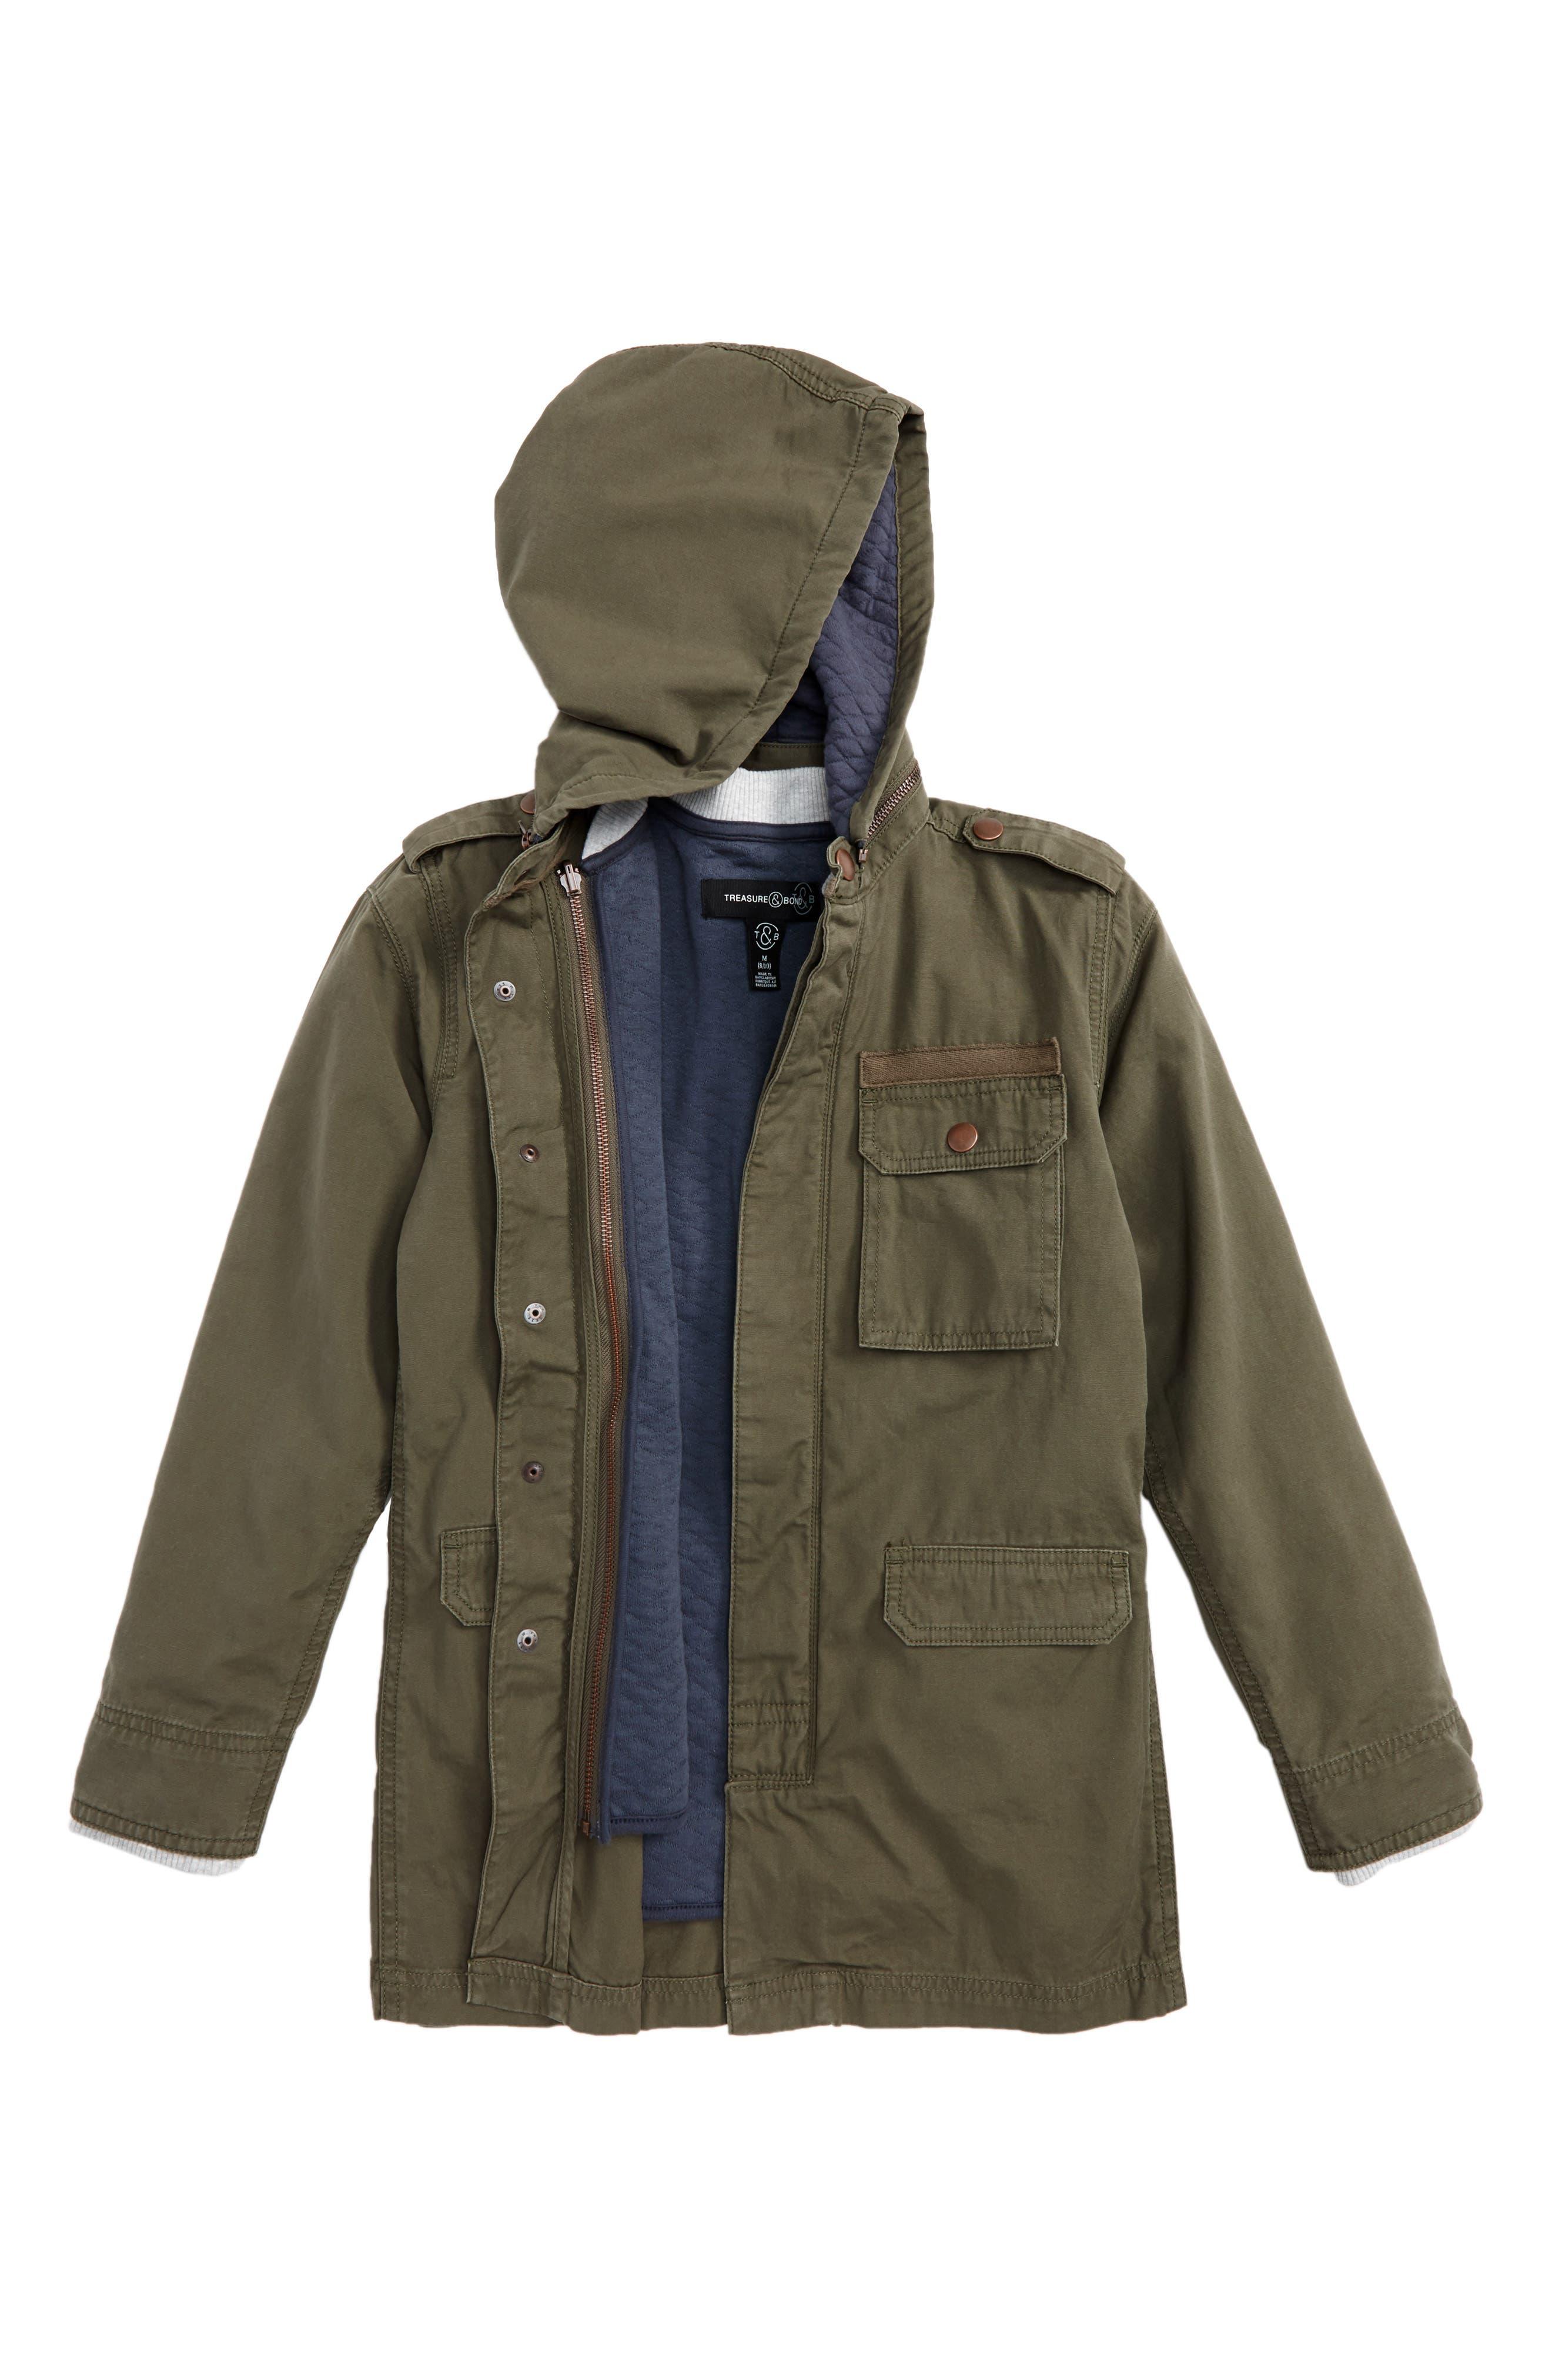 Treasure & Bond 2-in-1 Hooded Military Jacket (Big Boys) | Nordstrom